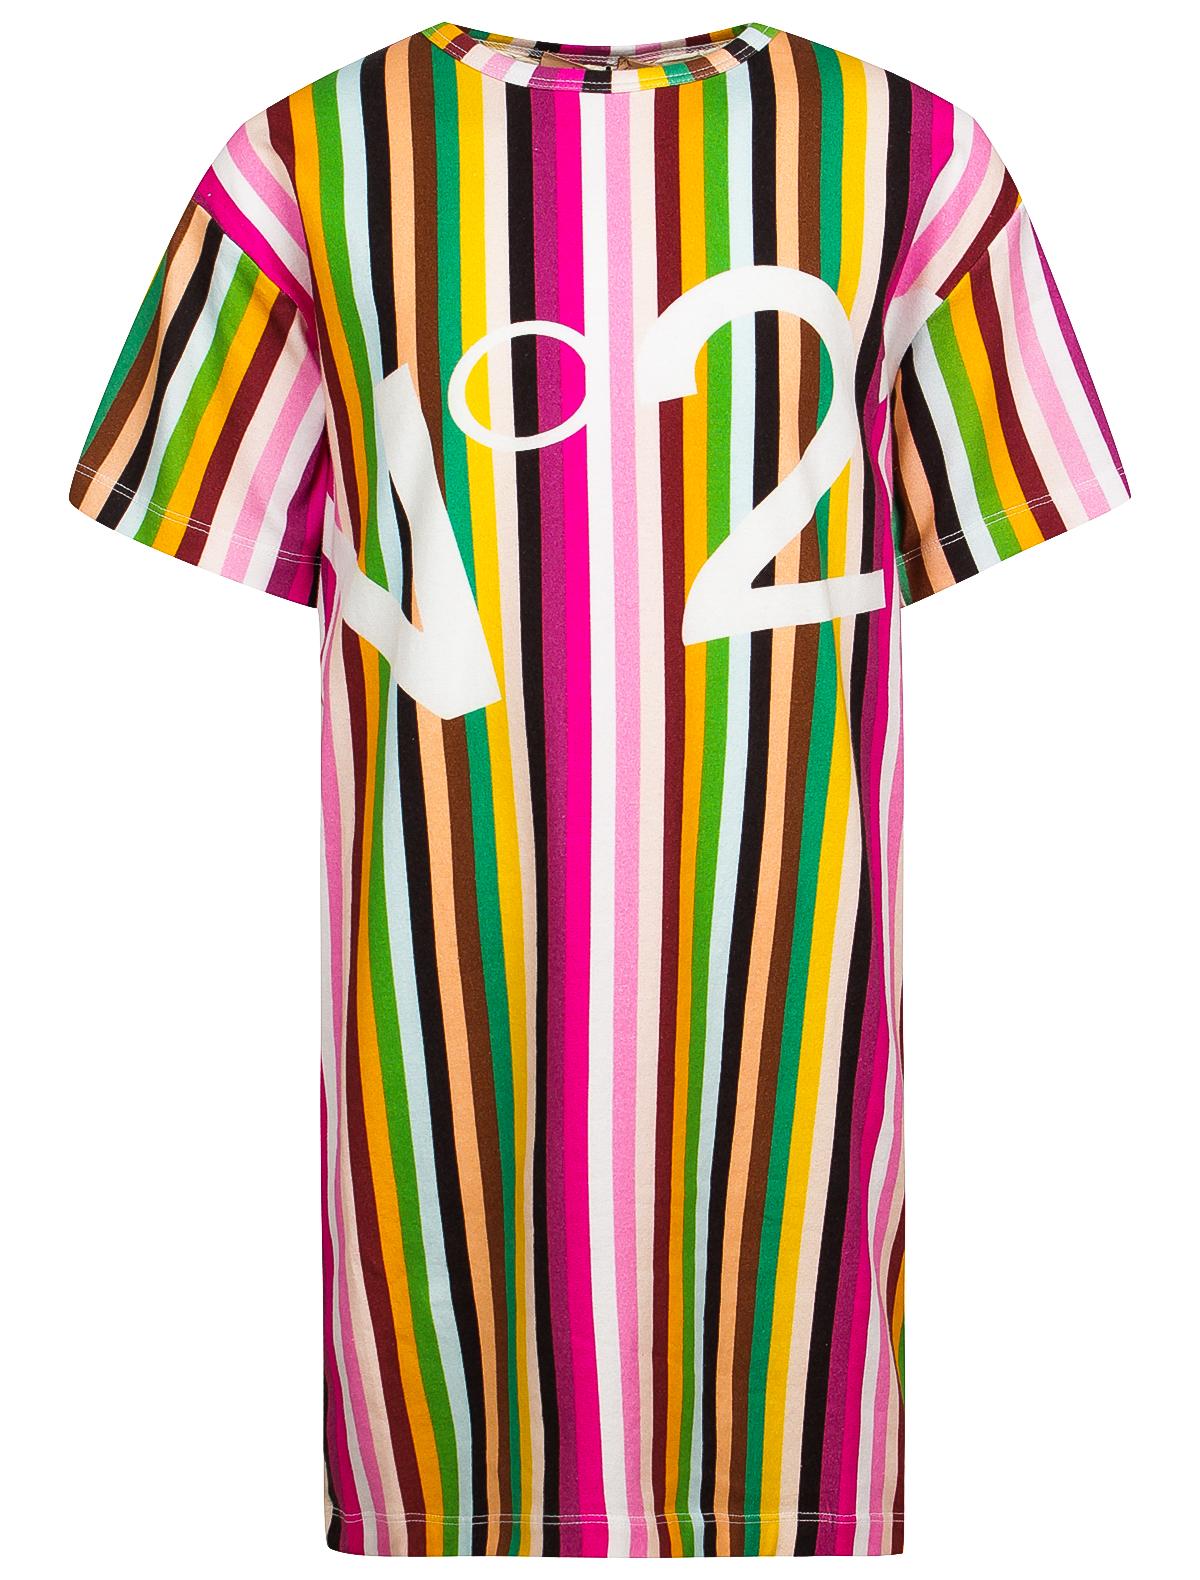 Купить 1870221, Платье №21 kids, разноцветный, Женский, 1052509870225